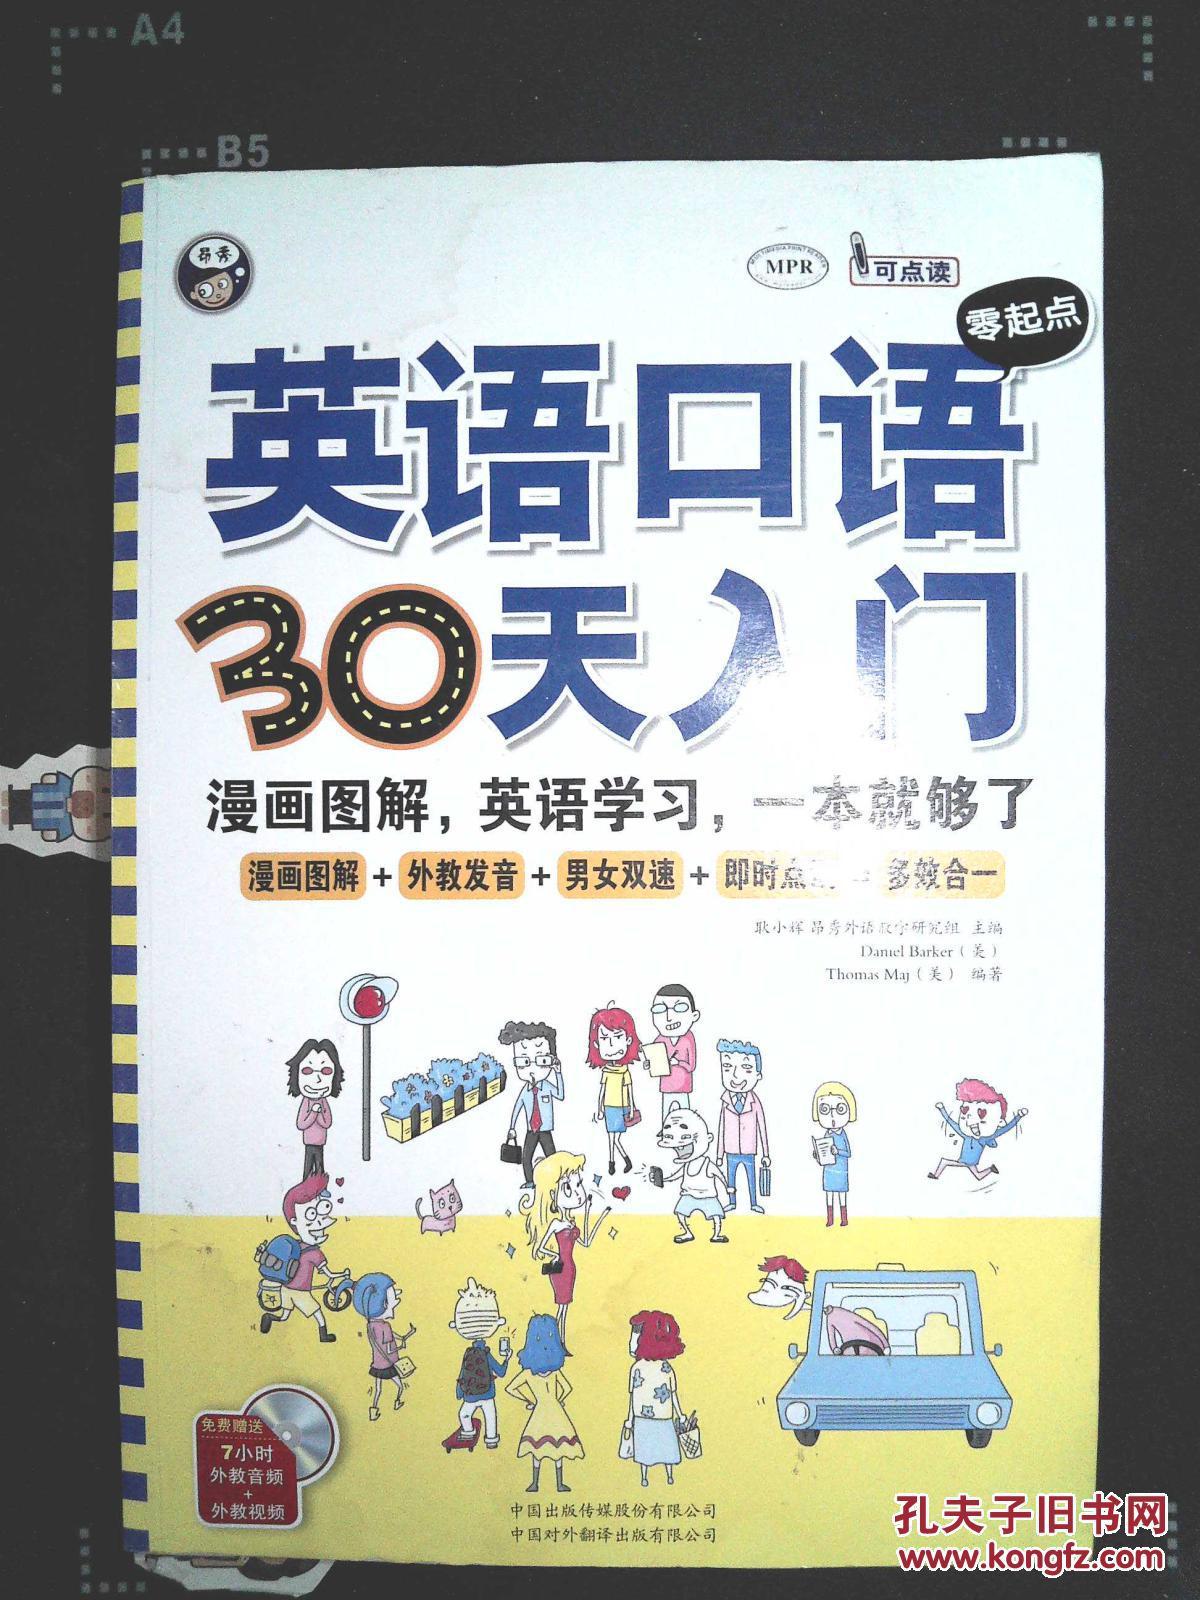 【图】英语口语零起点30天入门:漫画图解、英漫画端午年糕图片